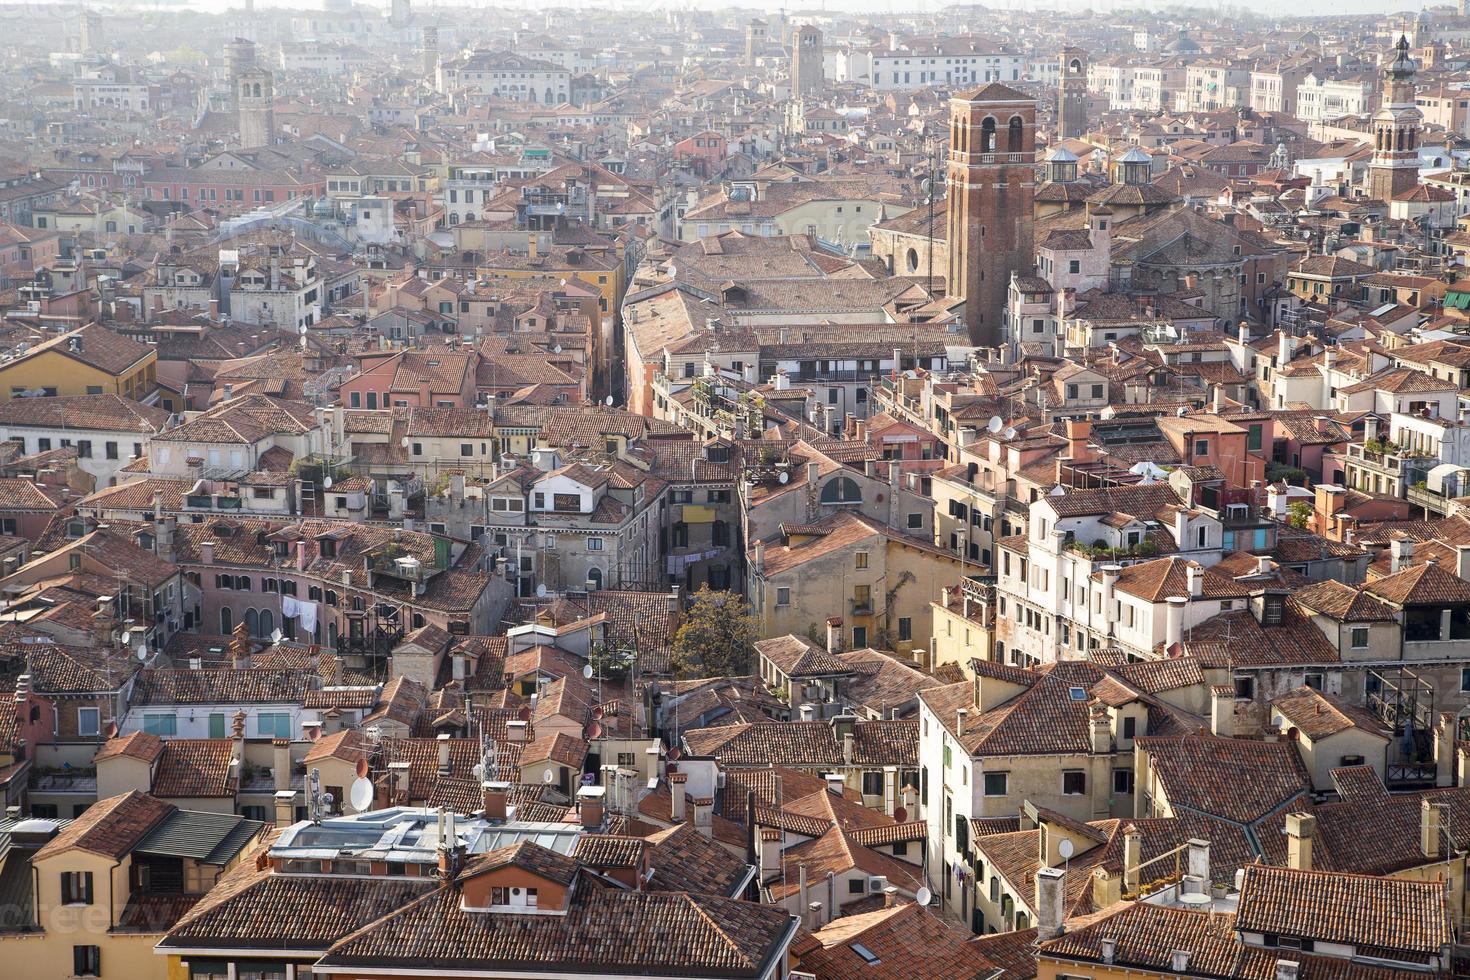 vista aérea del sitio del patrimonio mundial de la unesco paisaje urbano de venecia foto